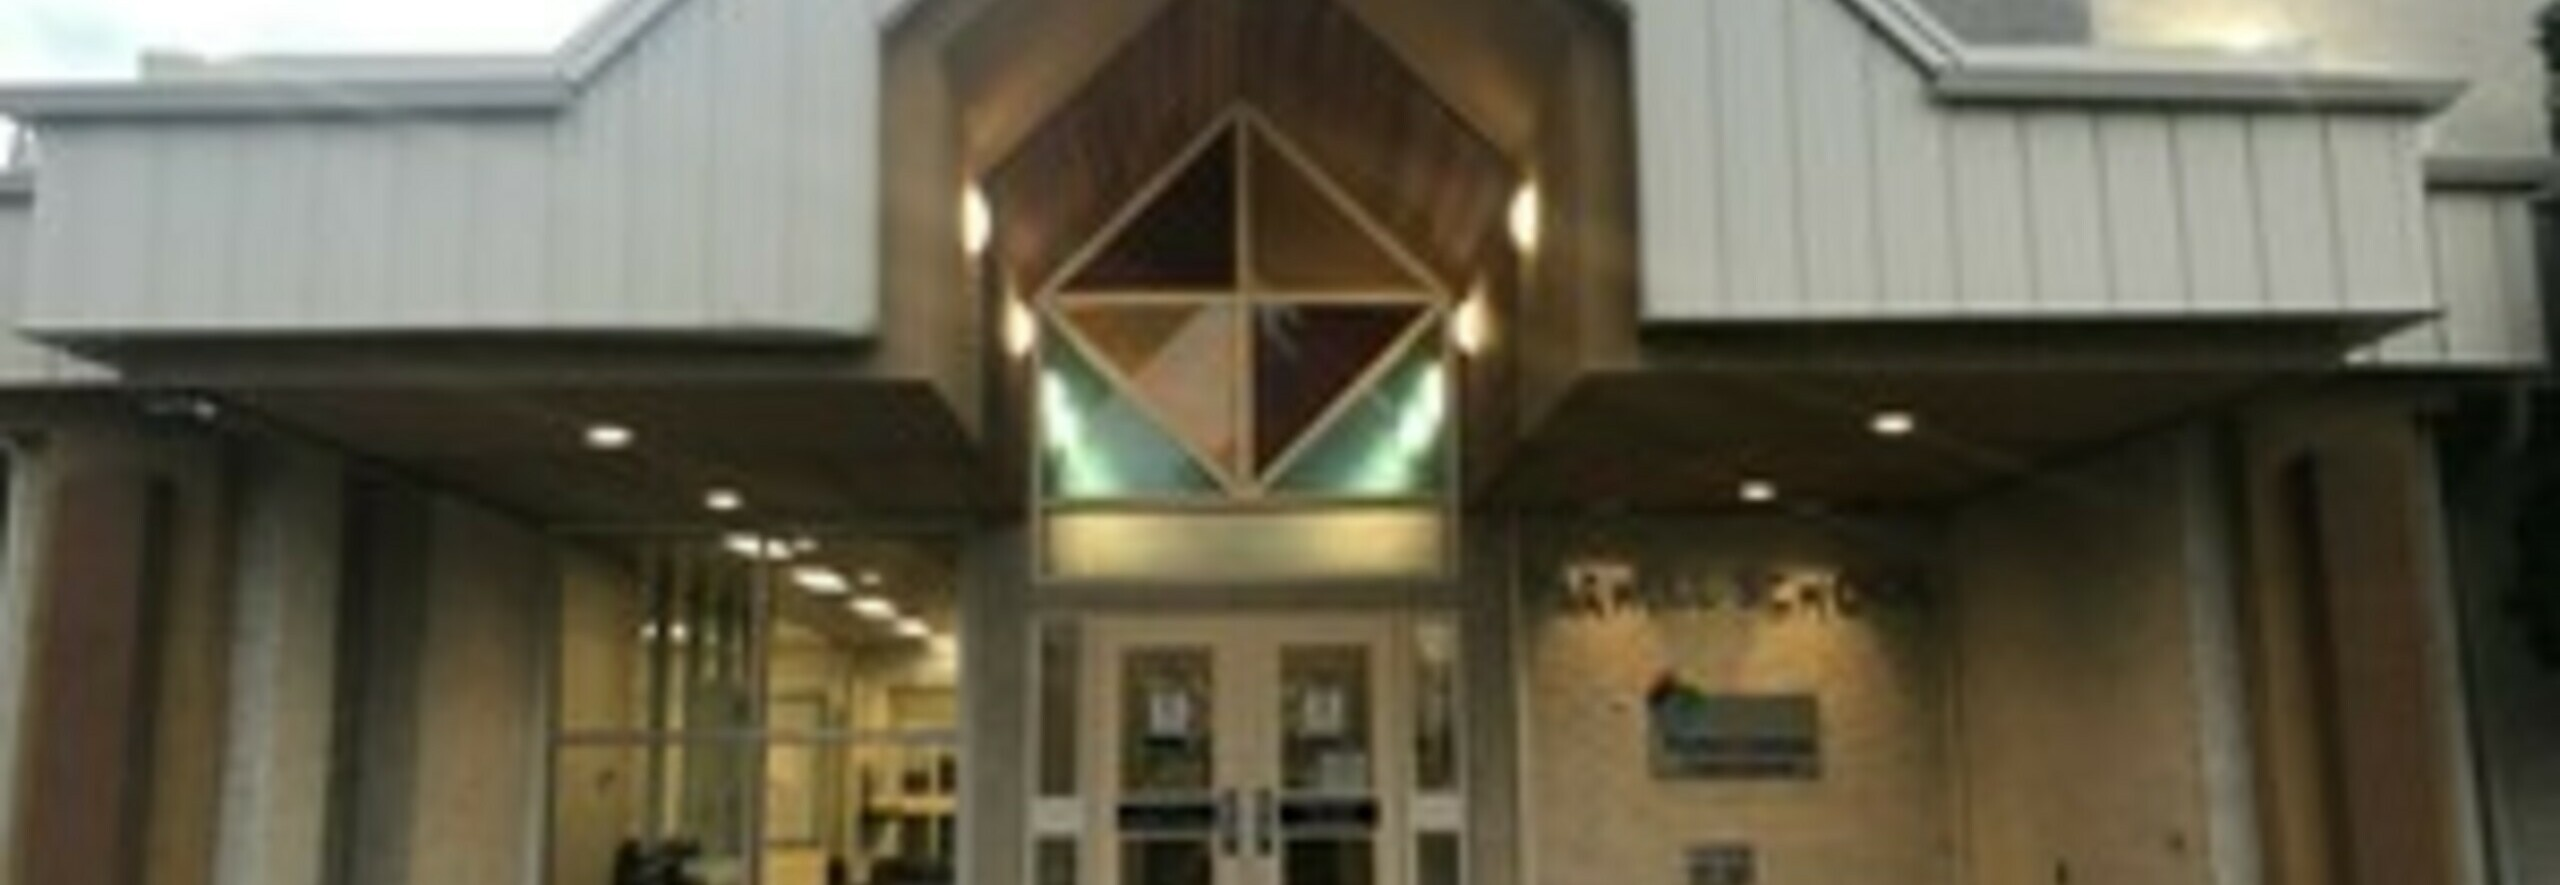 Darwell School Banner Photo